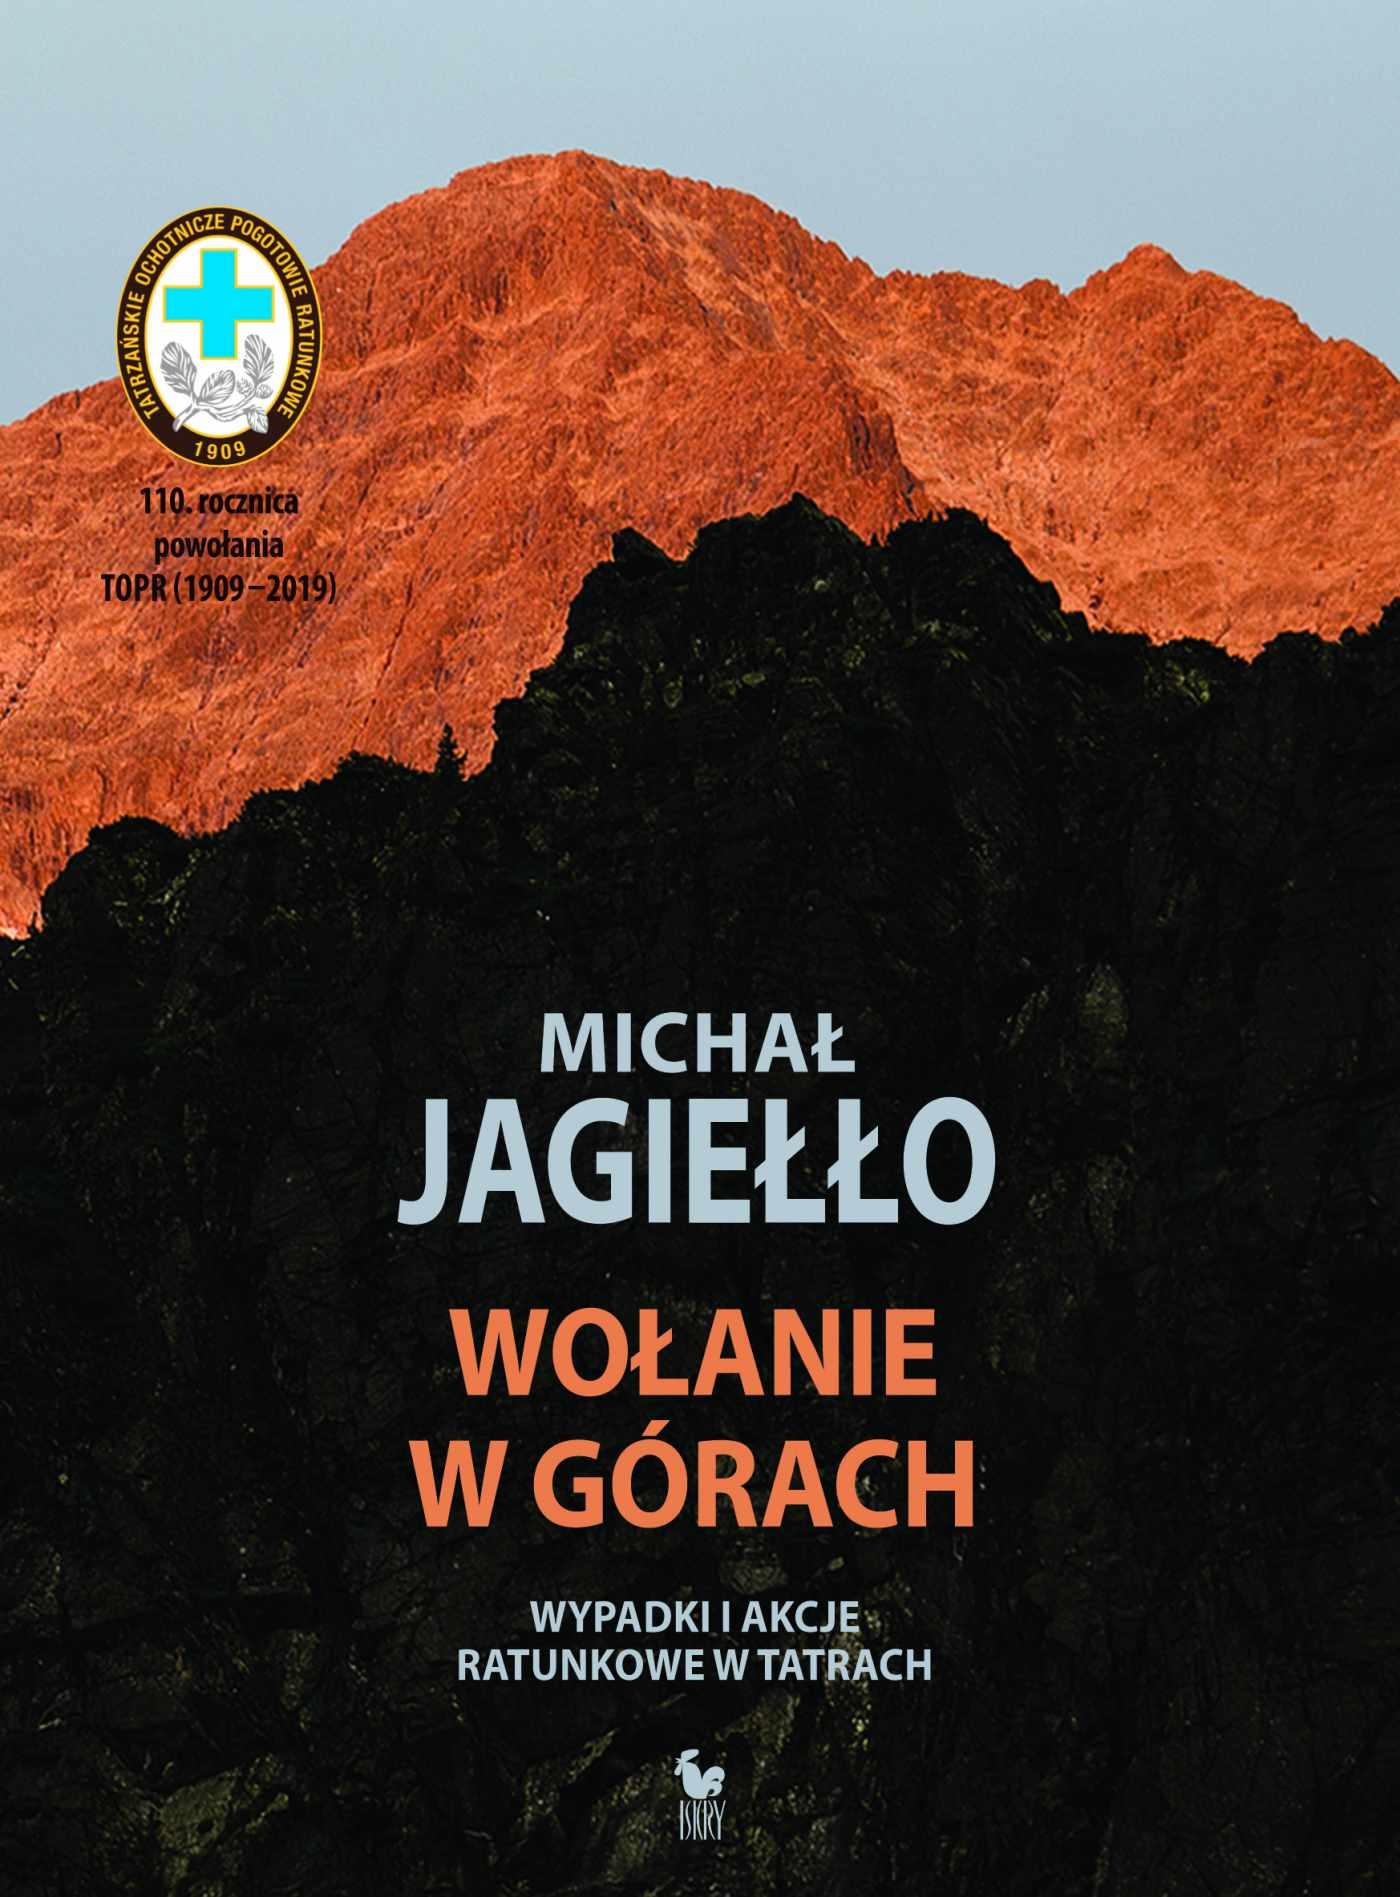 Wołanie w górach. Wypadki i akcje ratunkowe w Tatrach - Ebook (Książka na Kindle) do pobrania w formacie MOBI